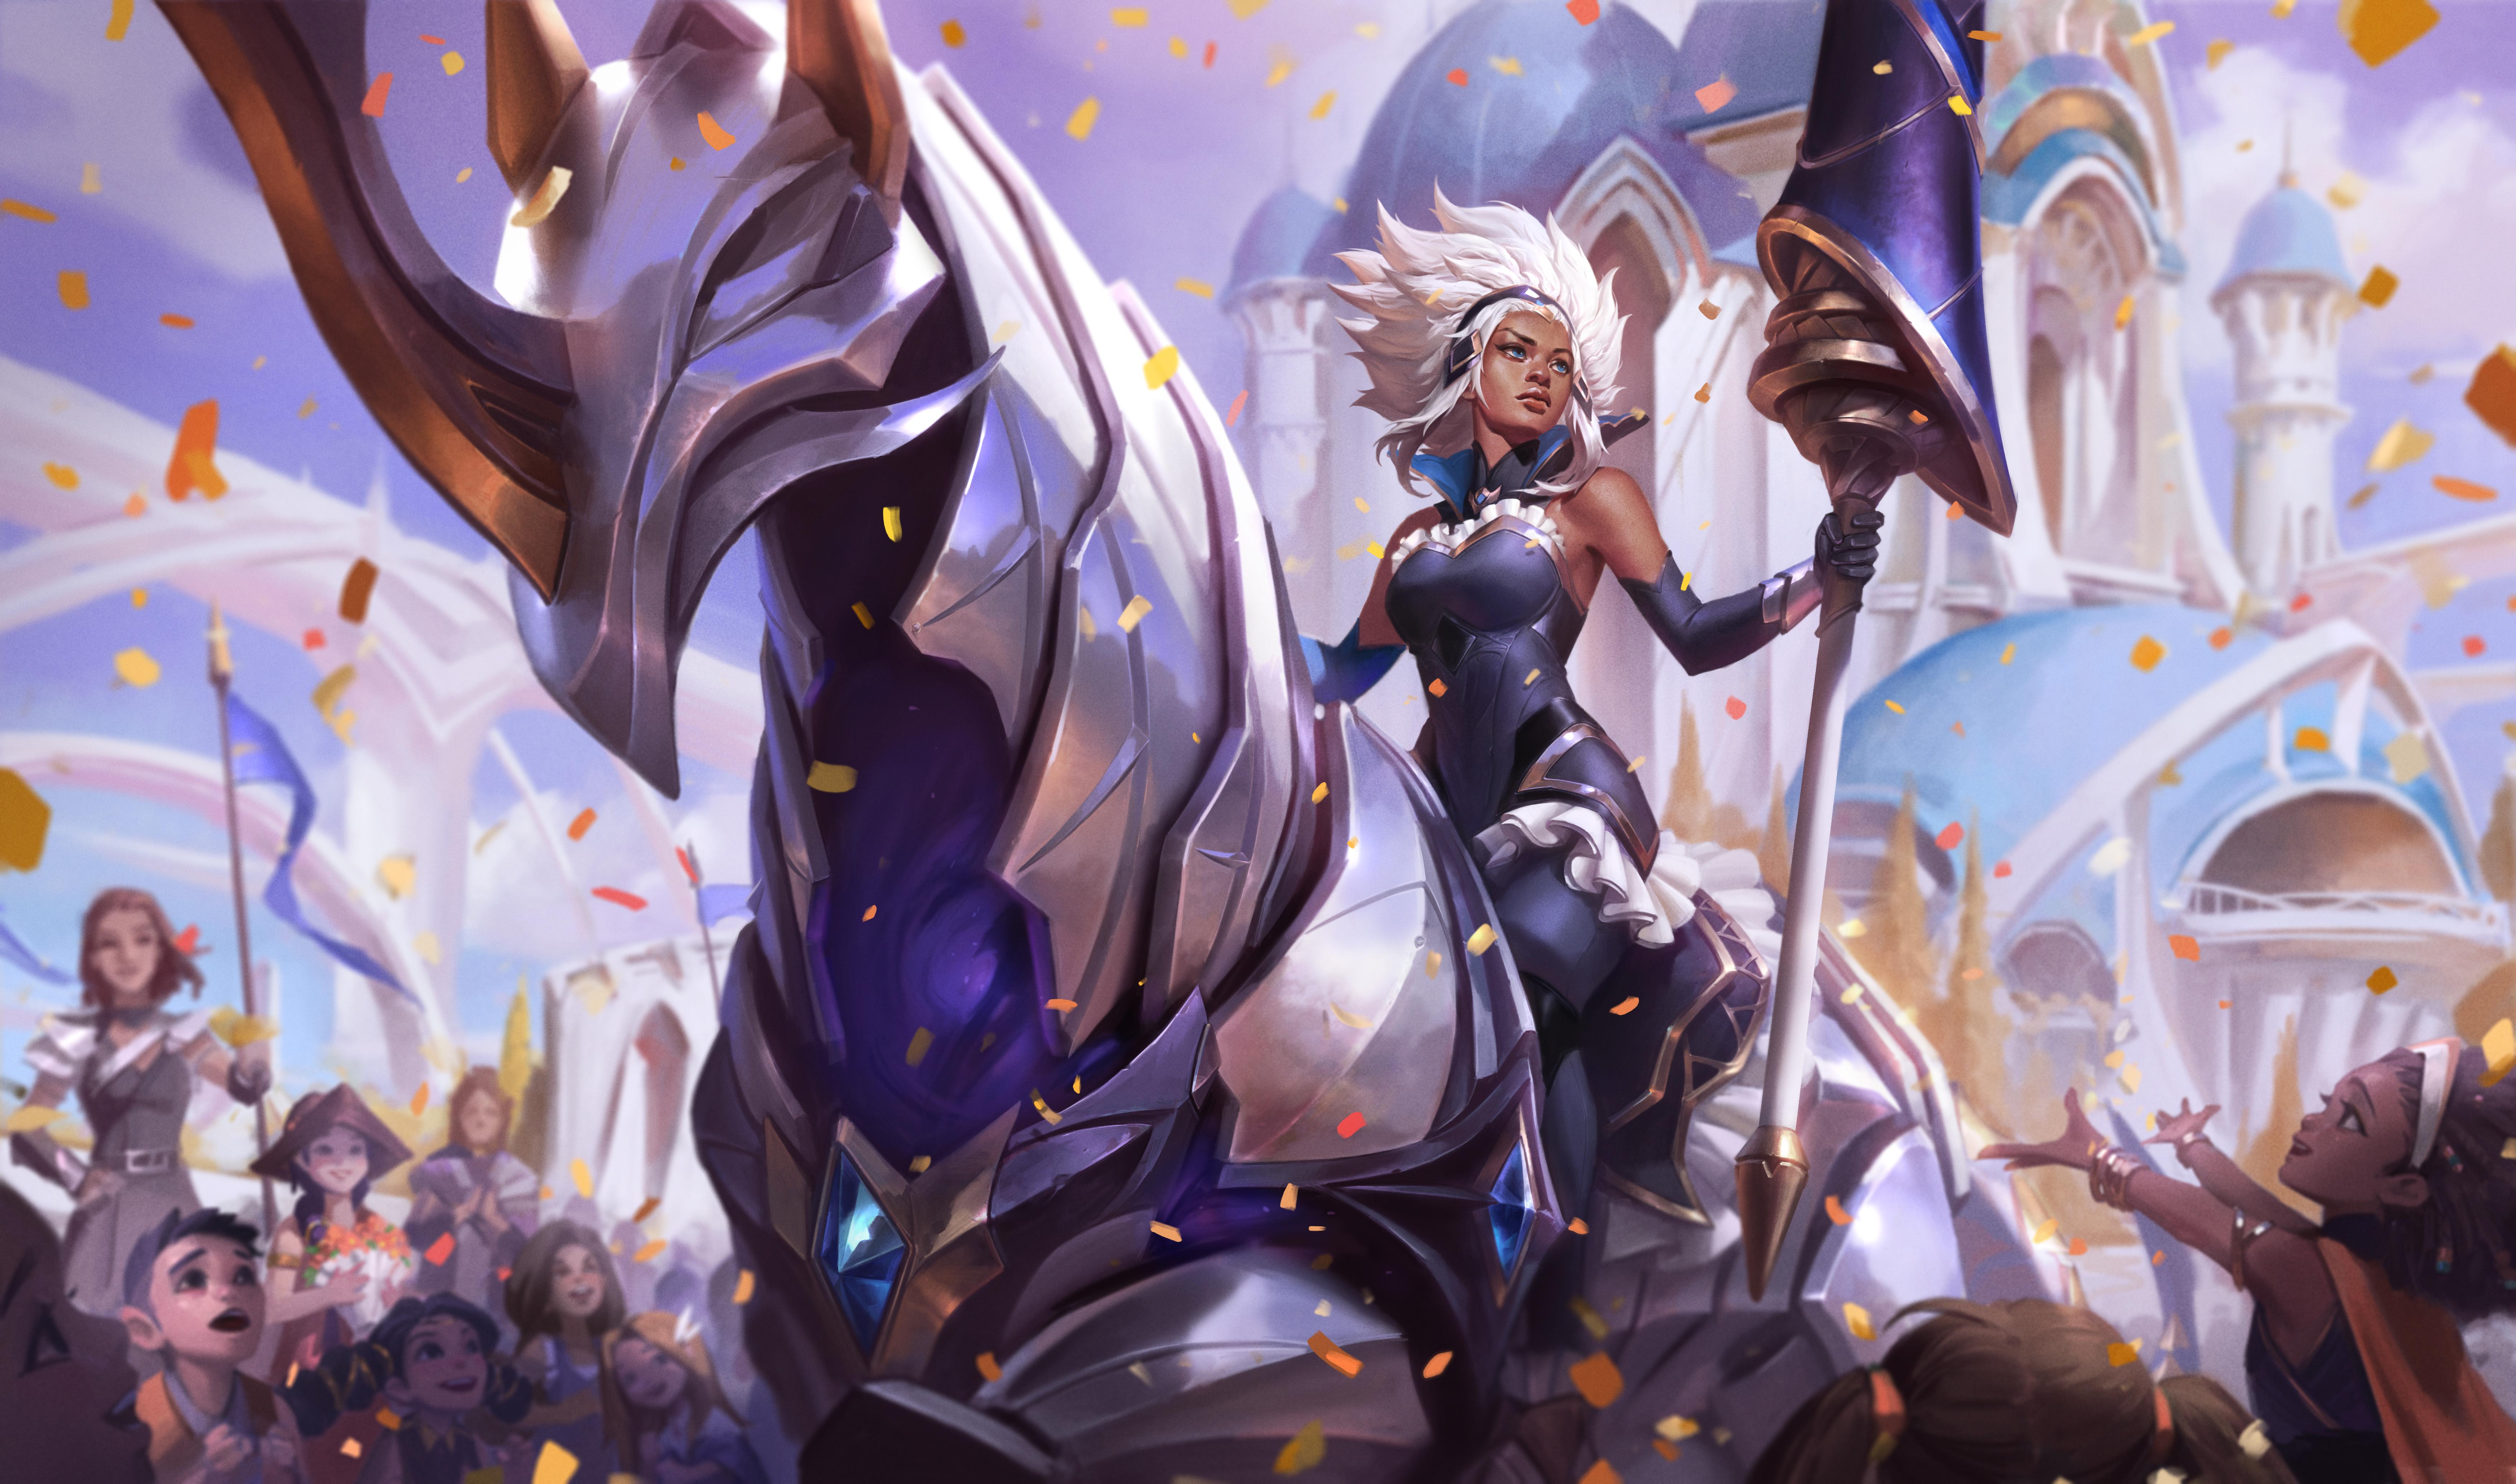 Battle_Queen_Rell_FINAL_HD_IMAGE.jpg